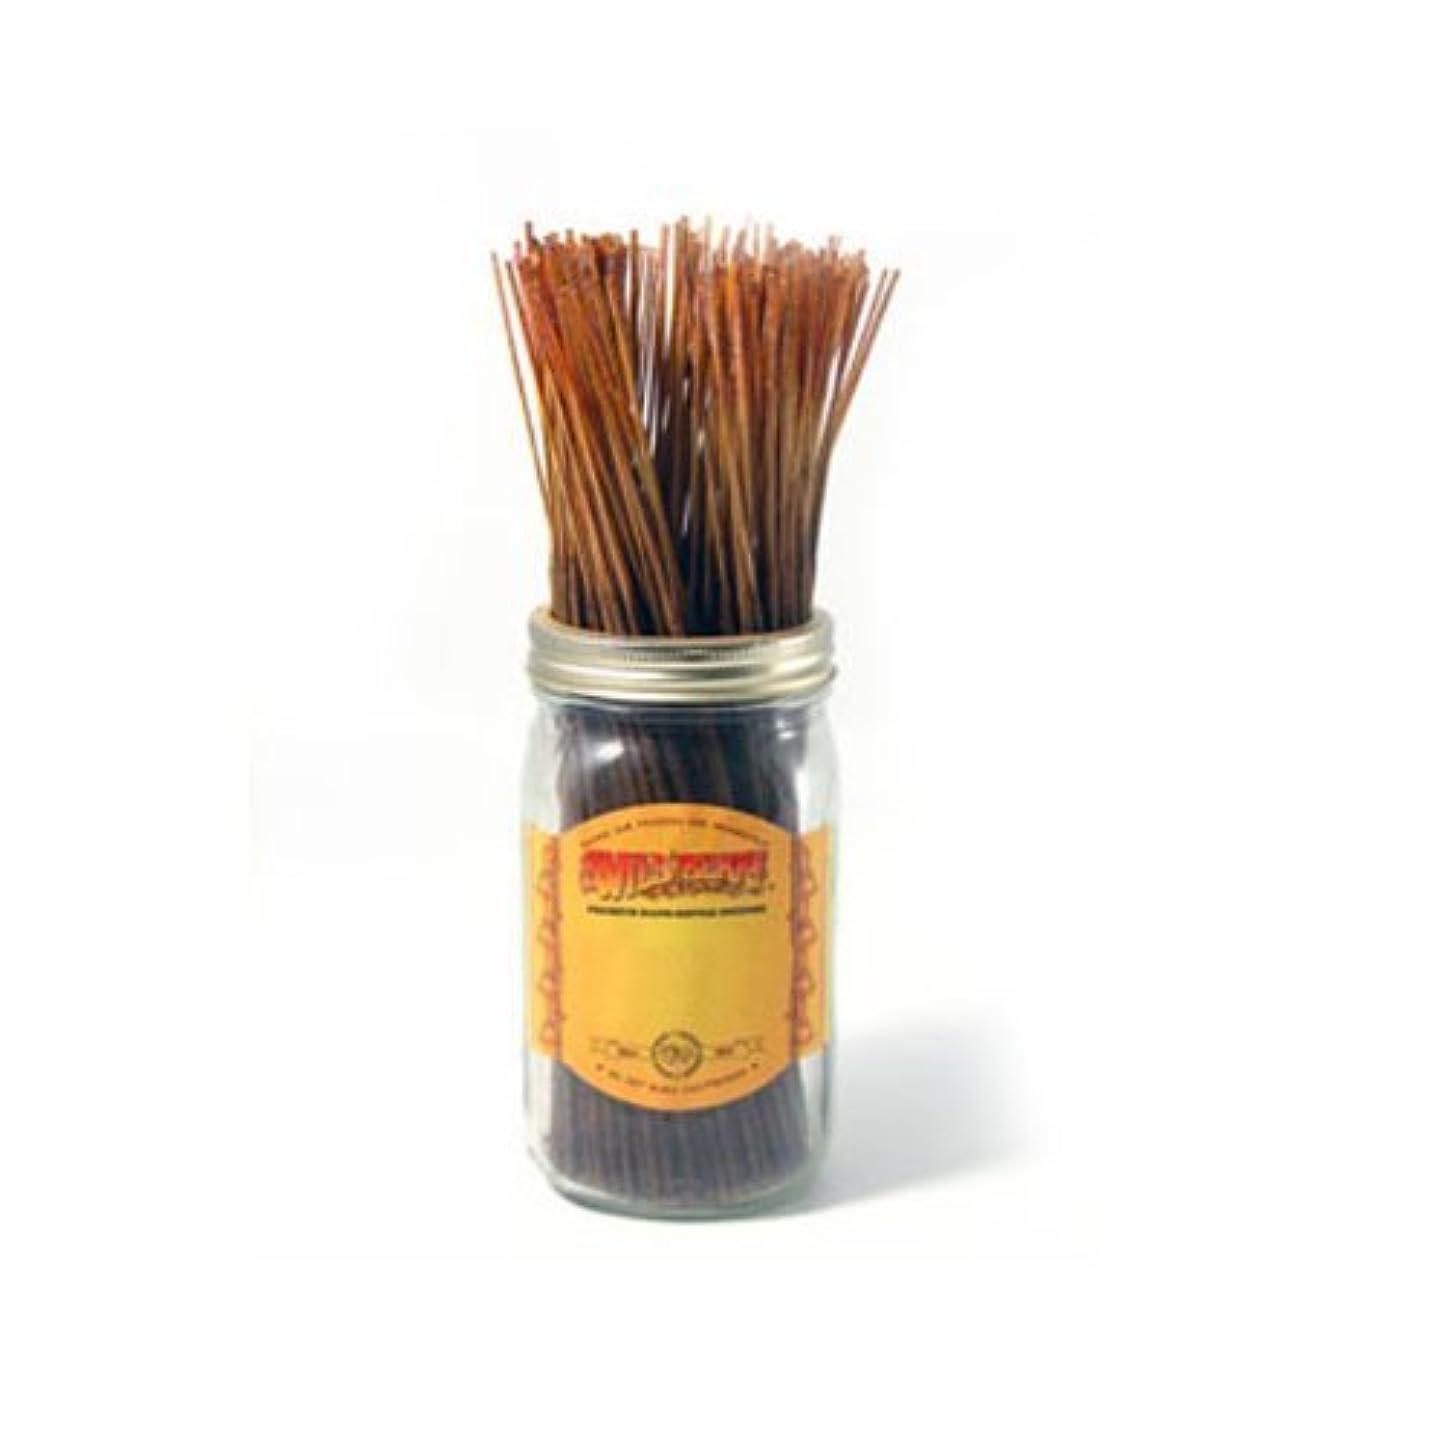 トロピカルセールくつろぎFantasia - 100 Wildberry Incense Sticks by Wildberry [並行輸入品]